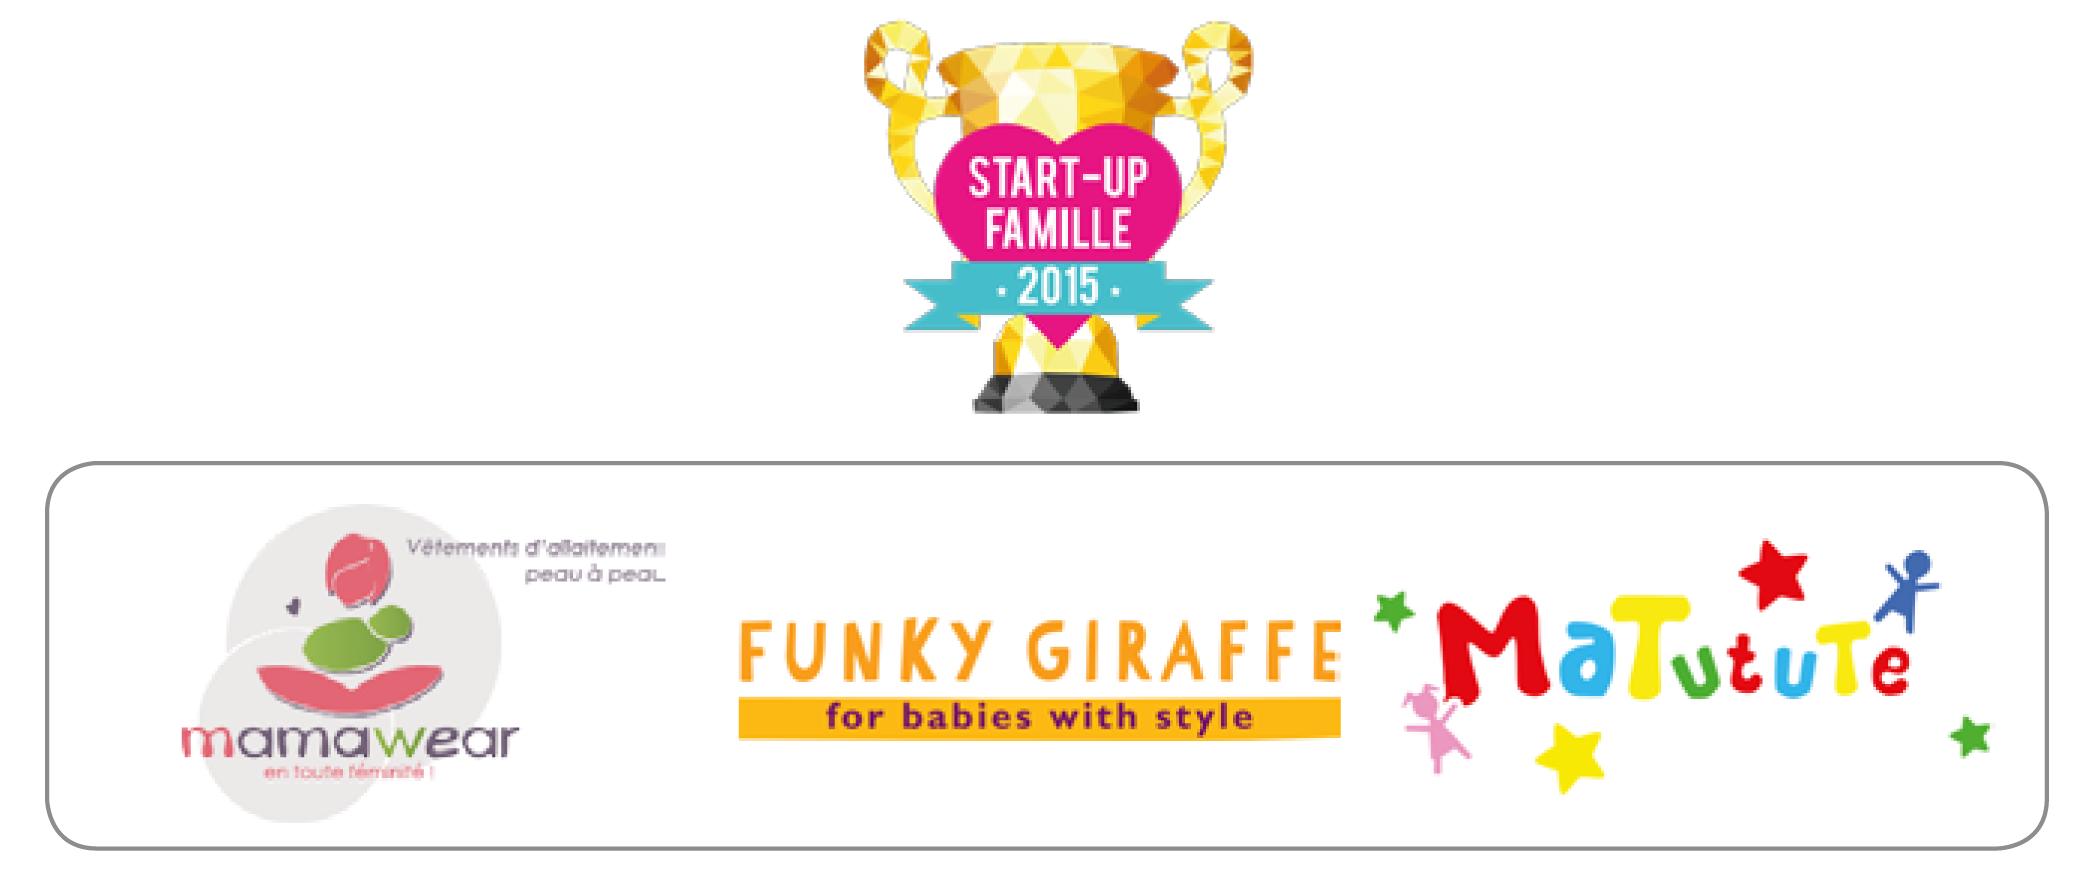 Start_up-famille_2015[5][1]